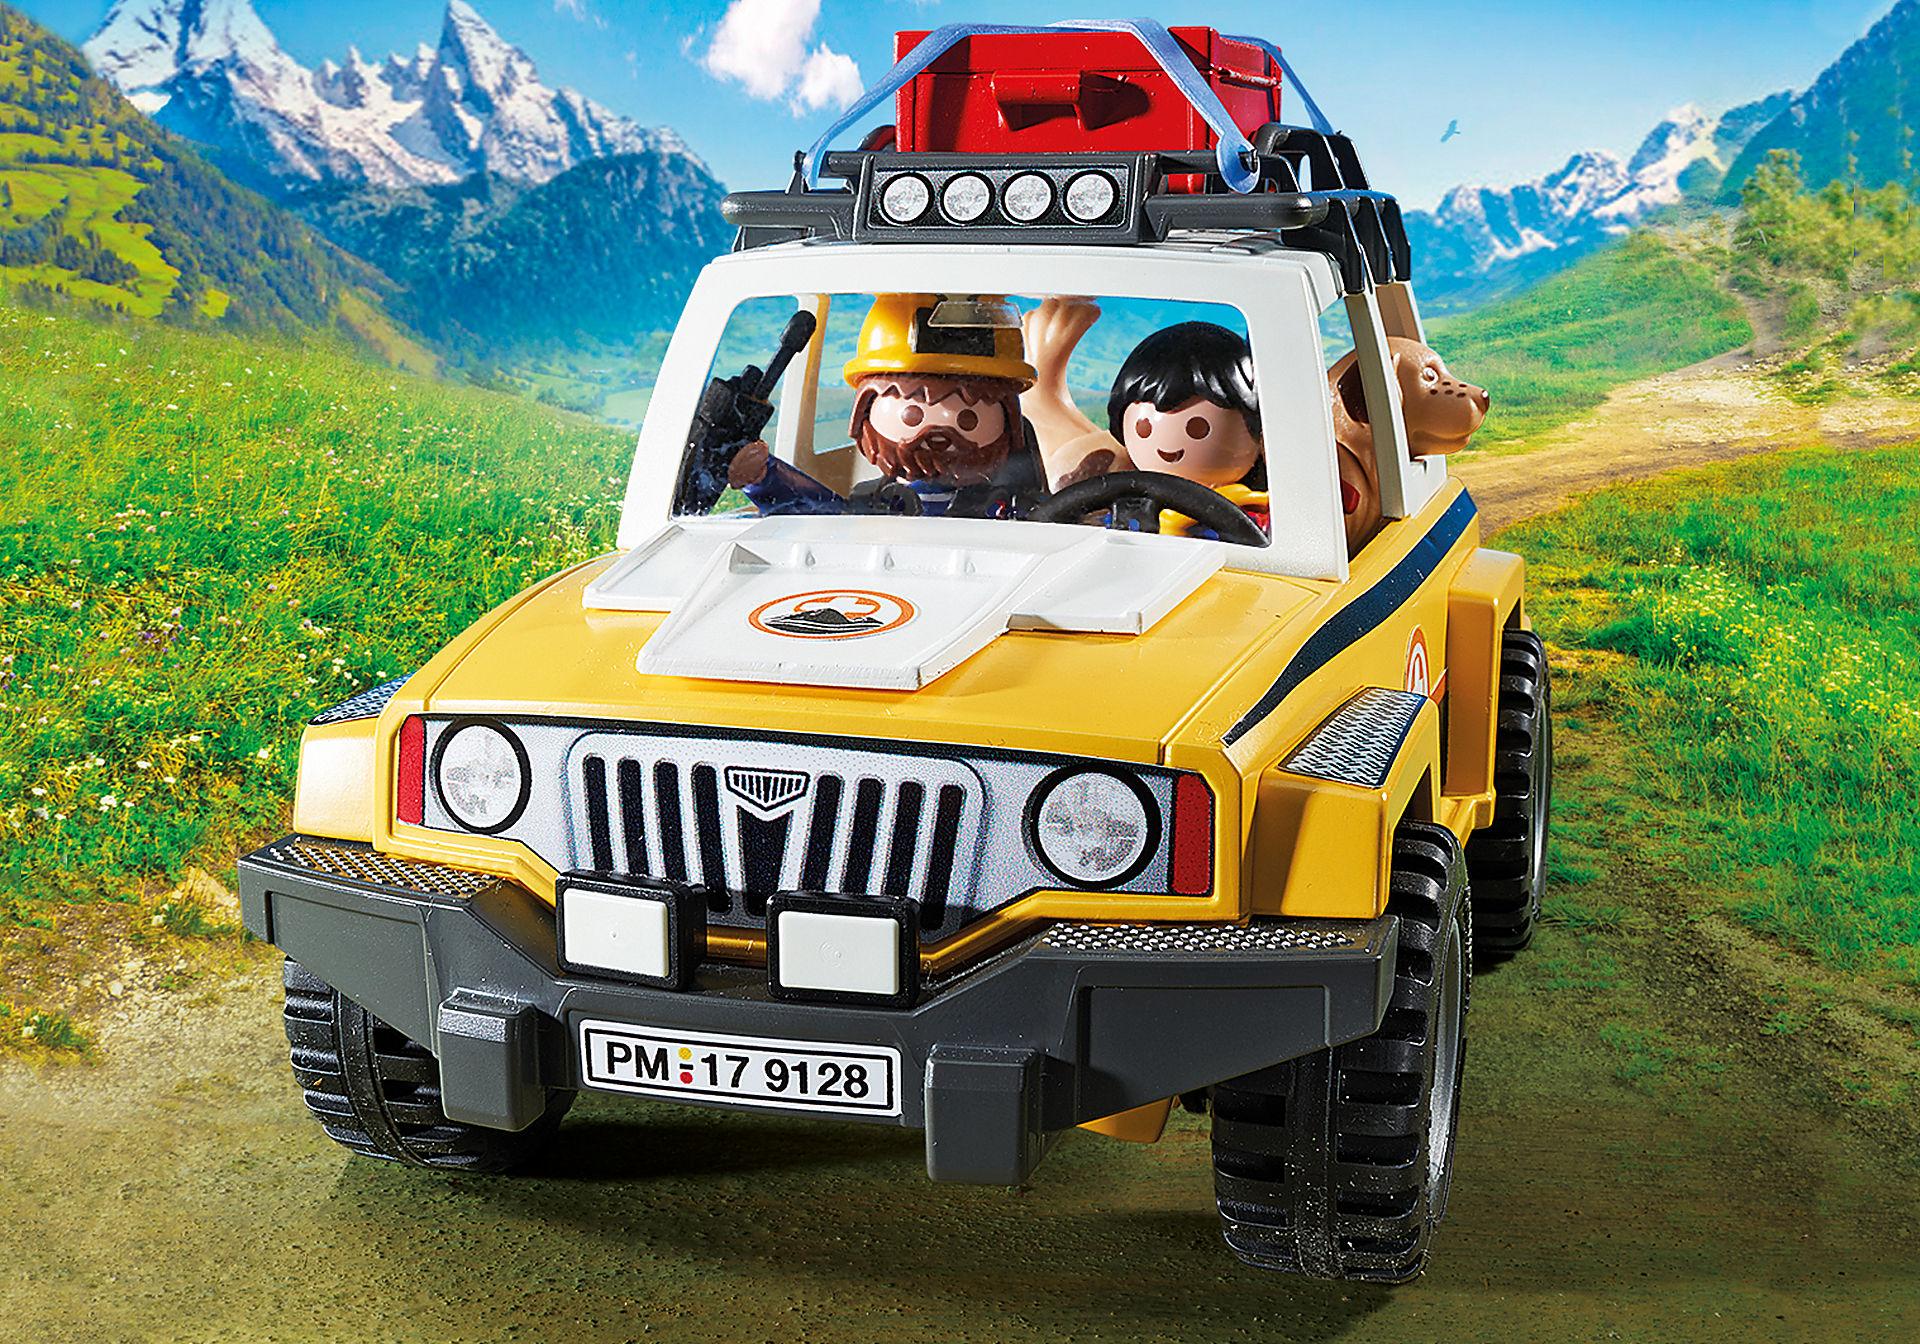 http://media.playmobil.com/i/playmobil/9128_product_extra2/Pojazd ratownictwa górskiego